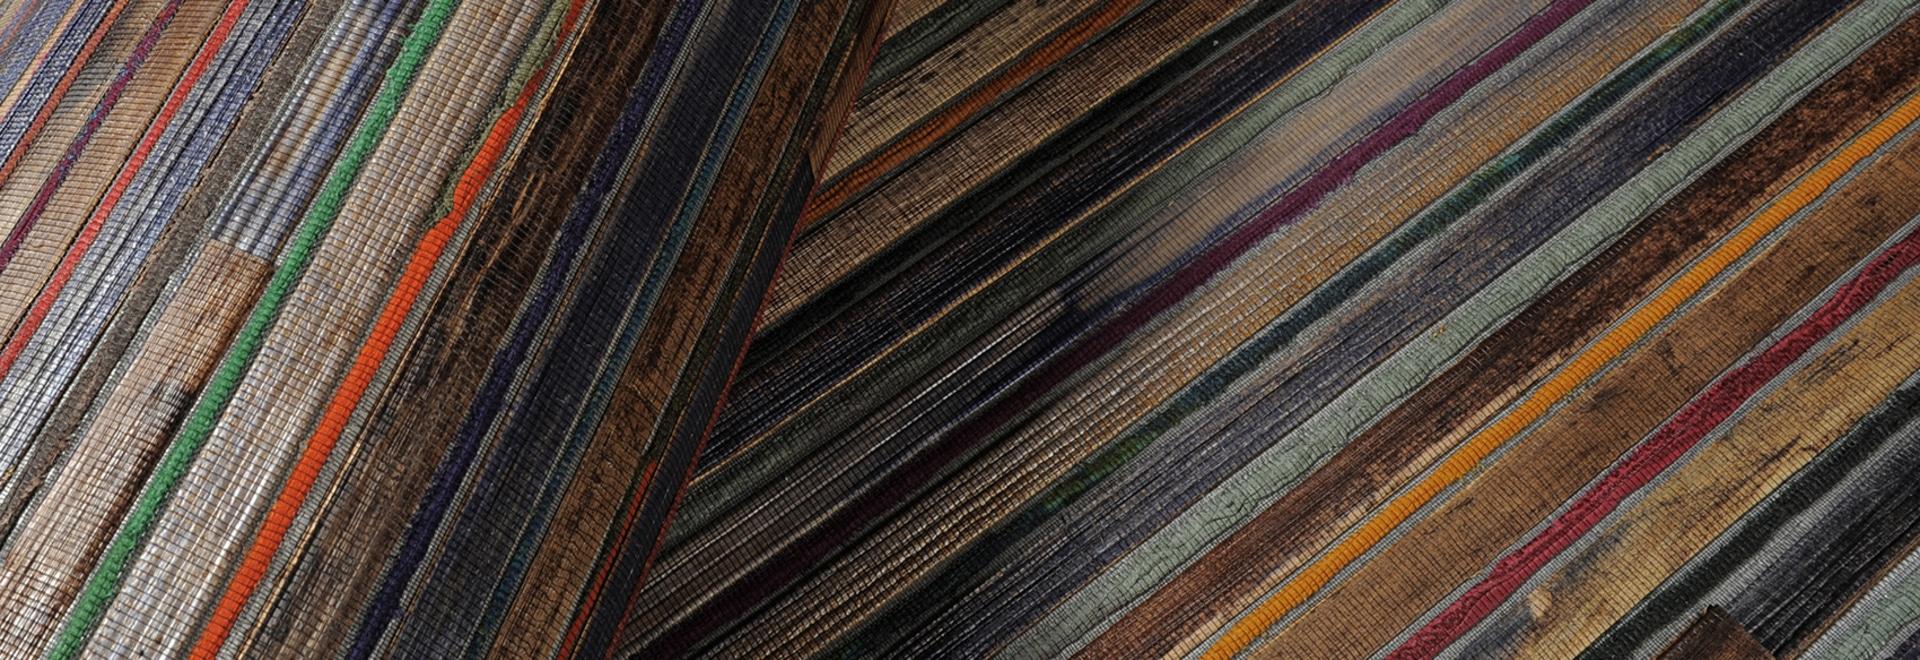 NUEVO: seda del bakbak y de la sari en el forro no tejido por Omexco